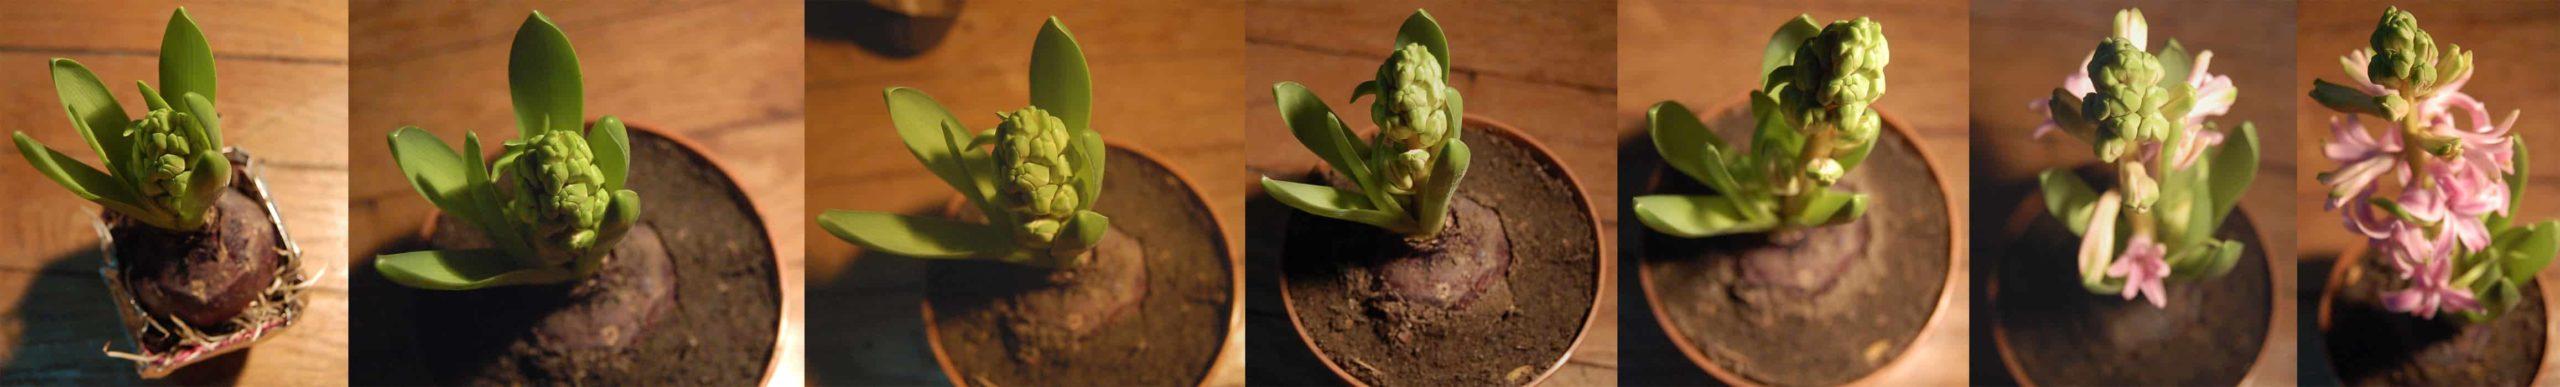 Les différentes étapes de la floraison d'une fleur